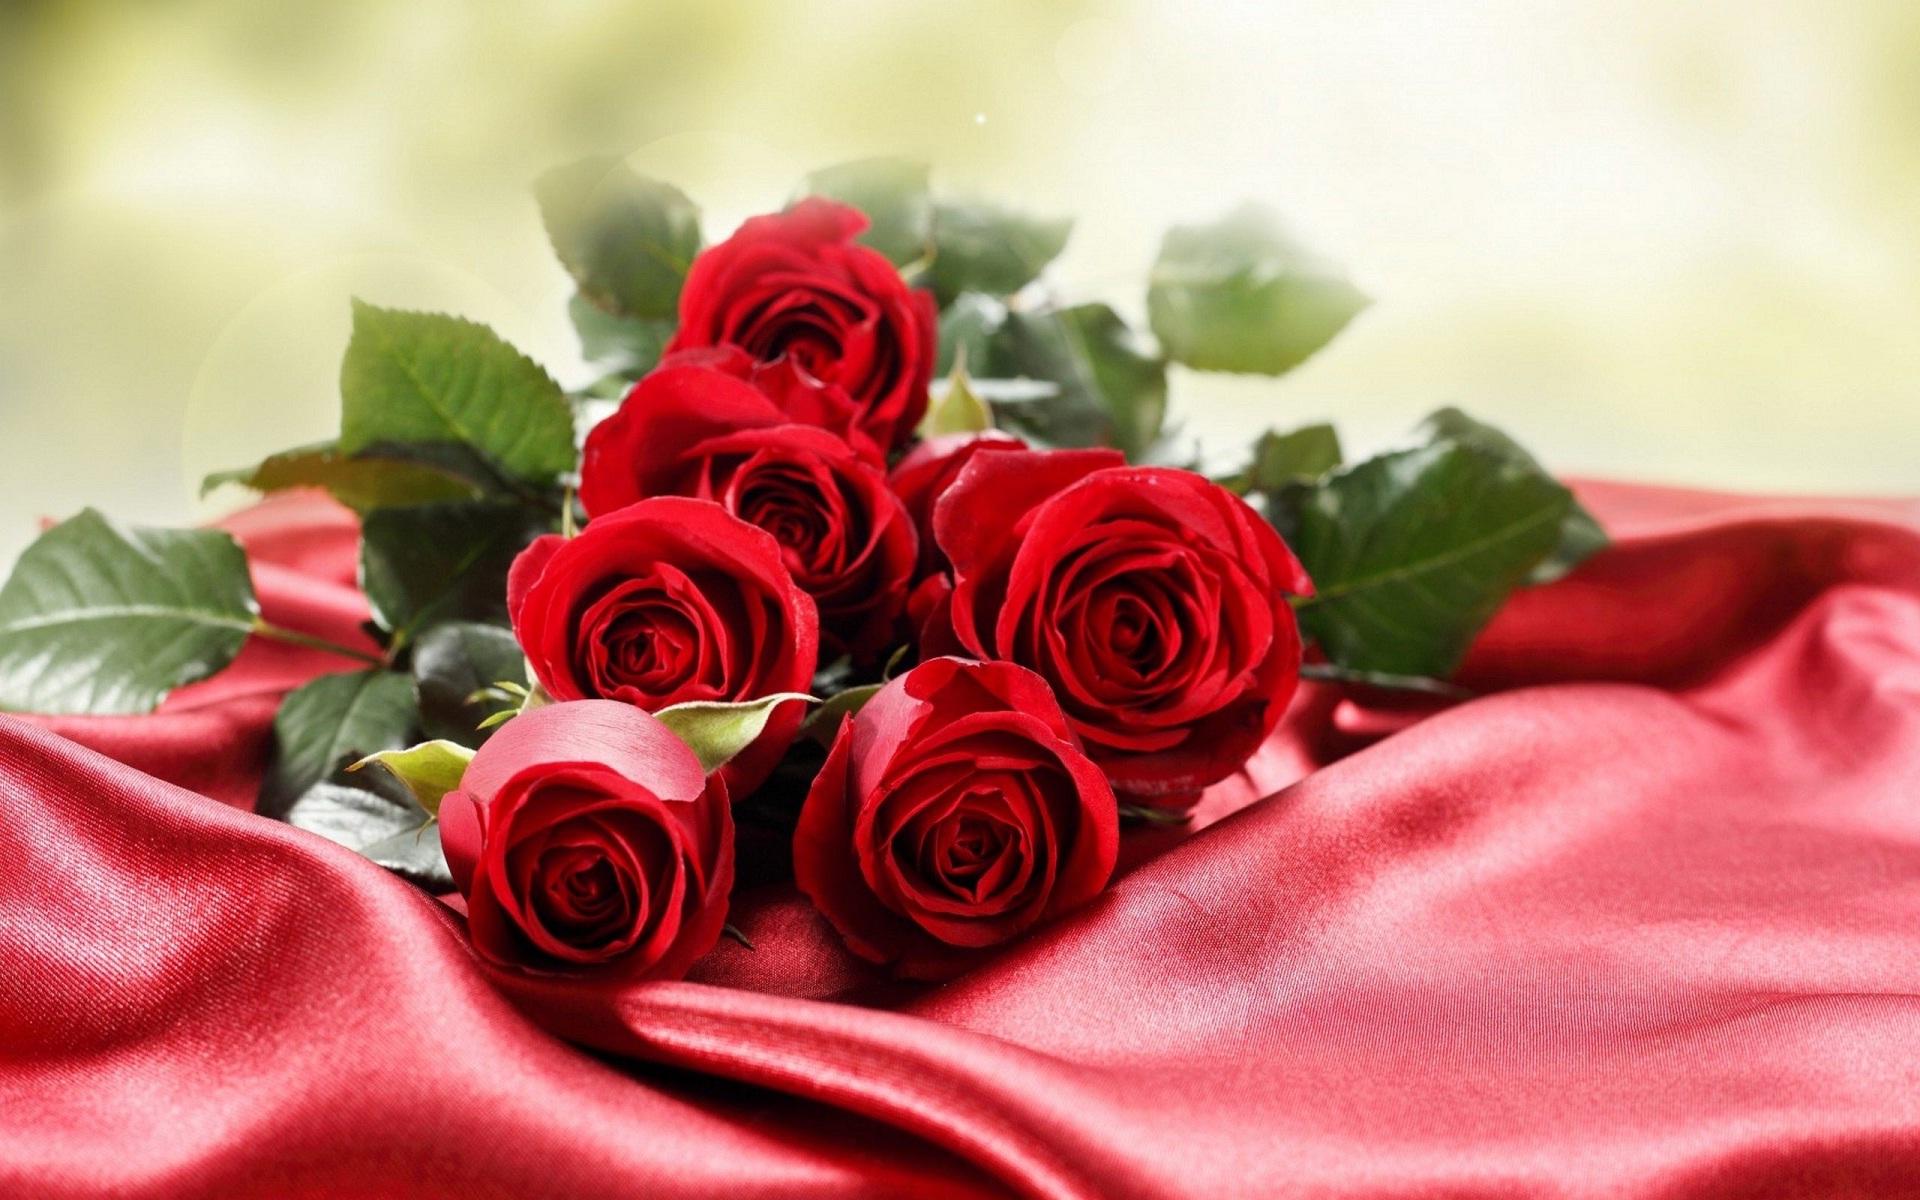 صوره ورود جميلة , اجمل الصور لاحلى الزهور